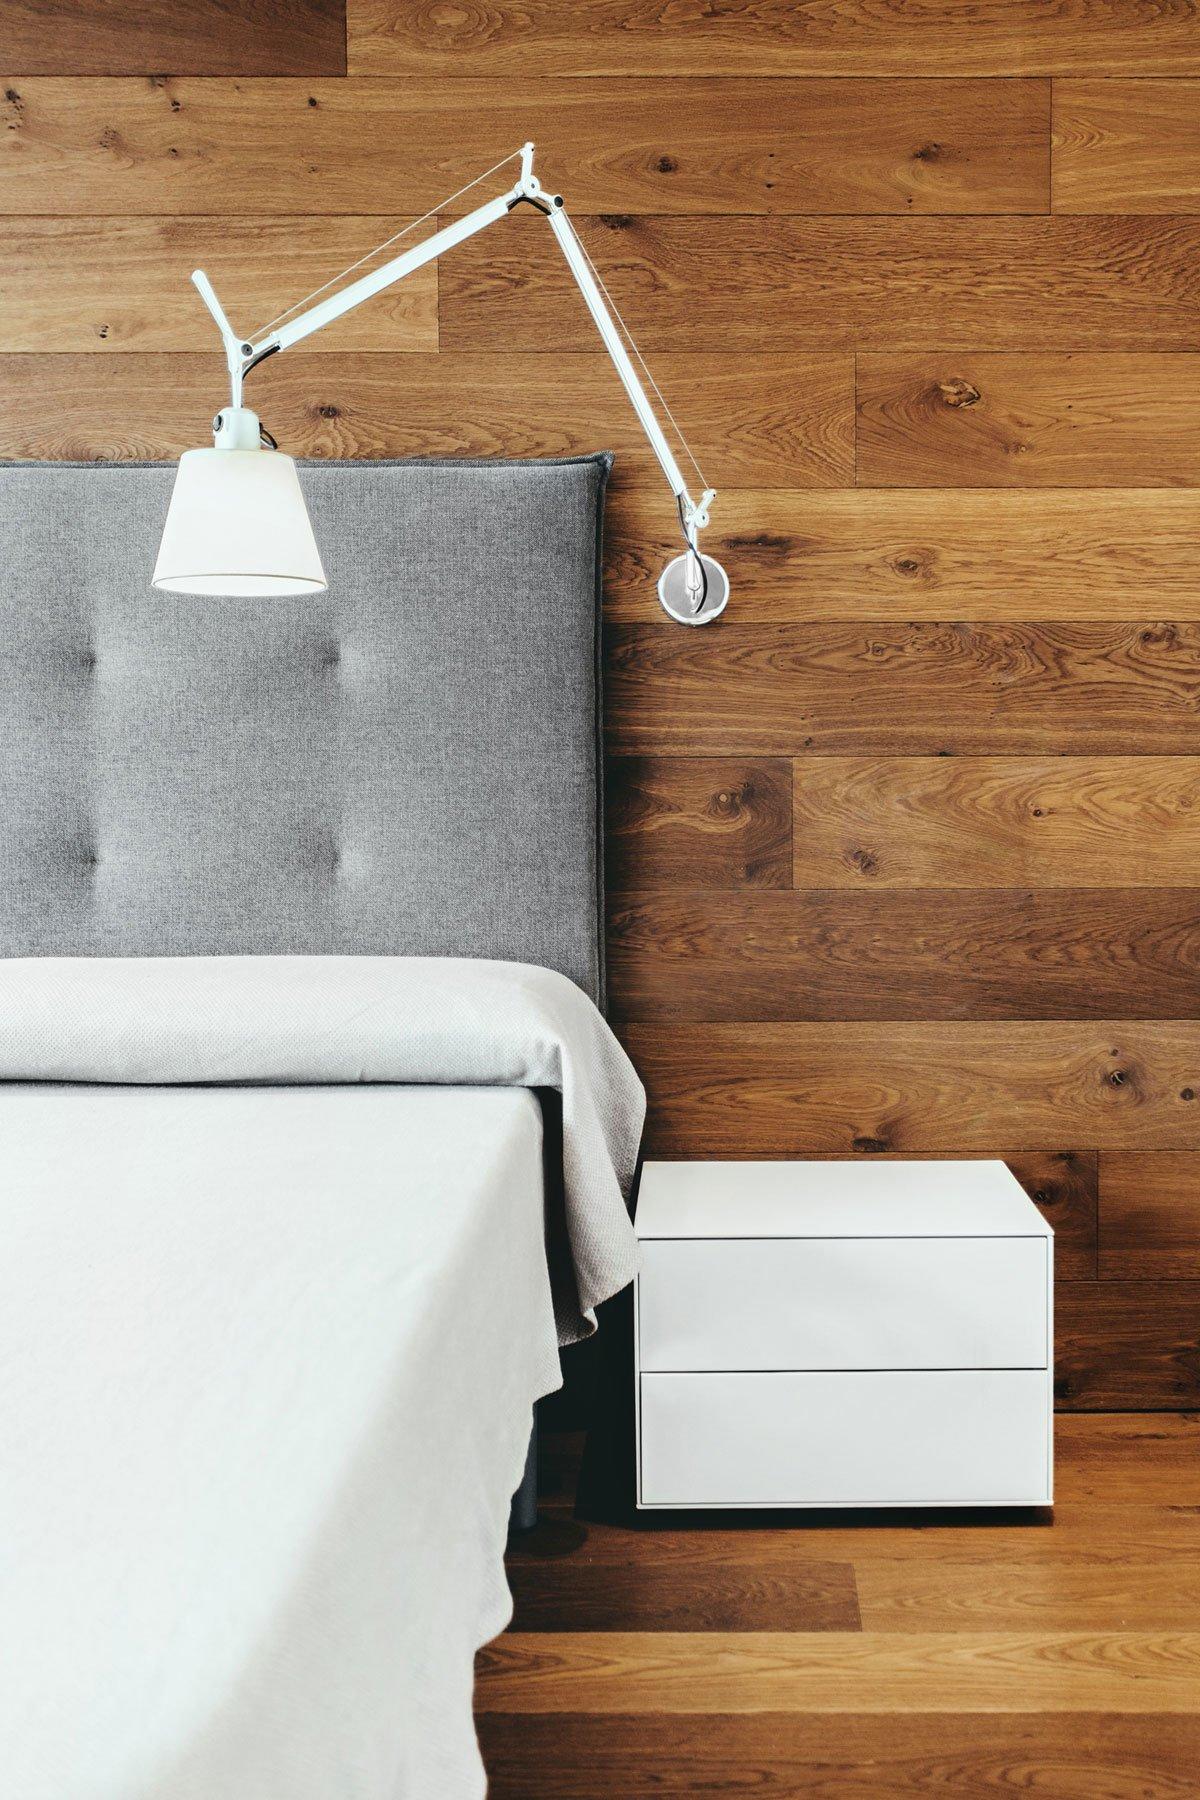 квартира с мужским характером, Dom arquitectura, мужской интерьер квартиры, фото мужских квартир, дизайн мужской квартиры, мужская квартира фото